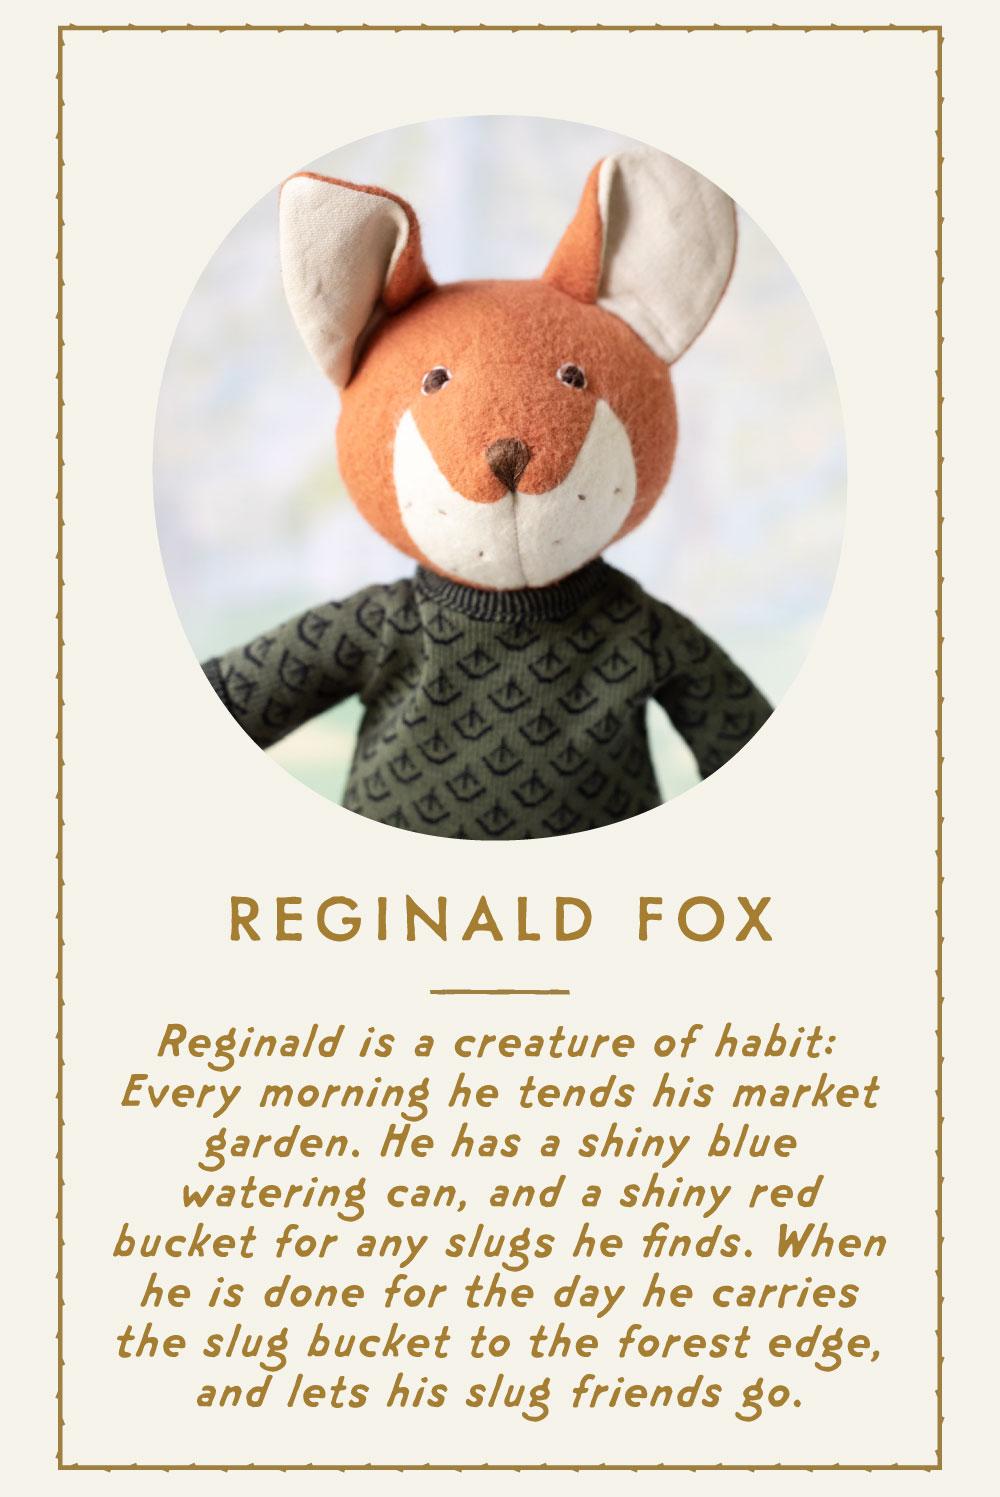 reginald fox